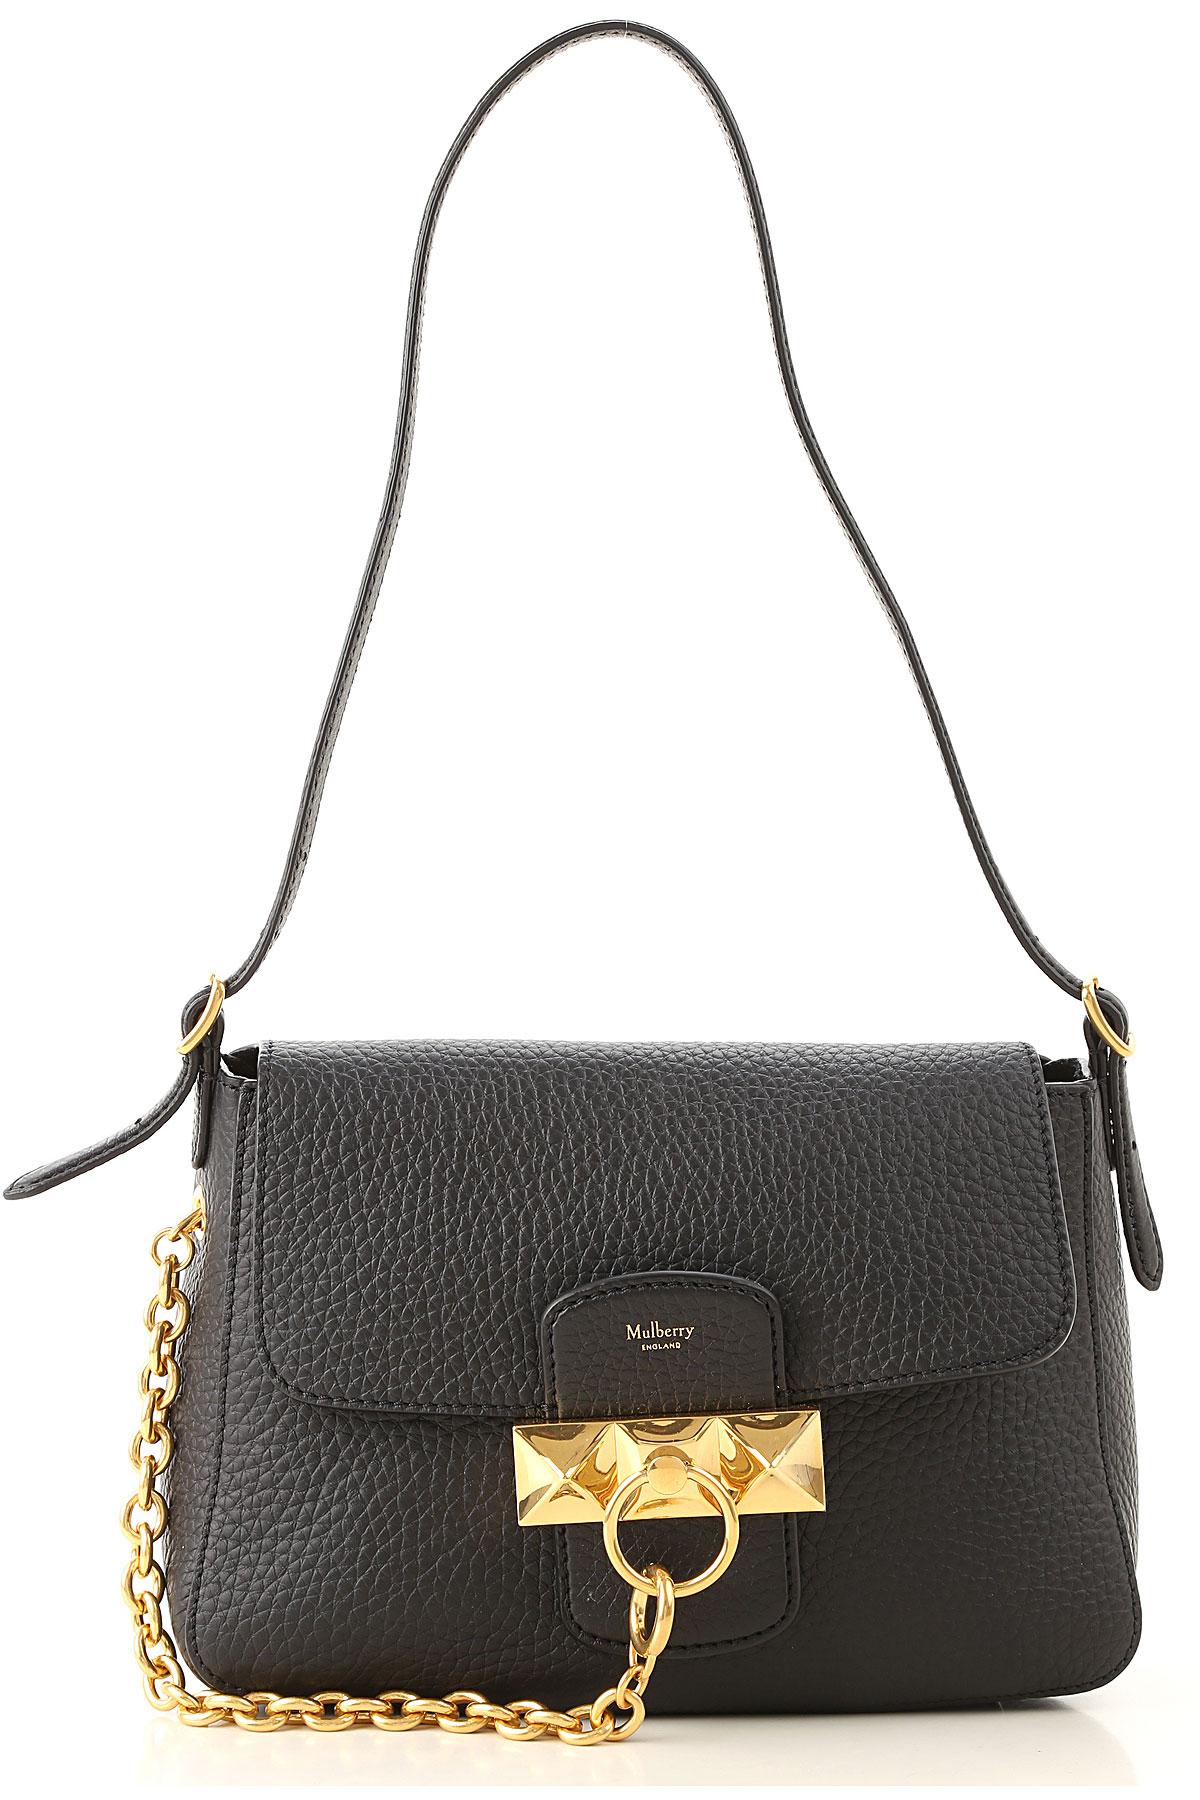 Mulberry Shoulder Bag for Women On Sale, Black, Leather, 2019